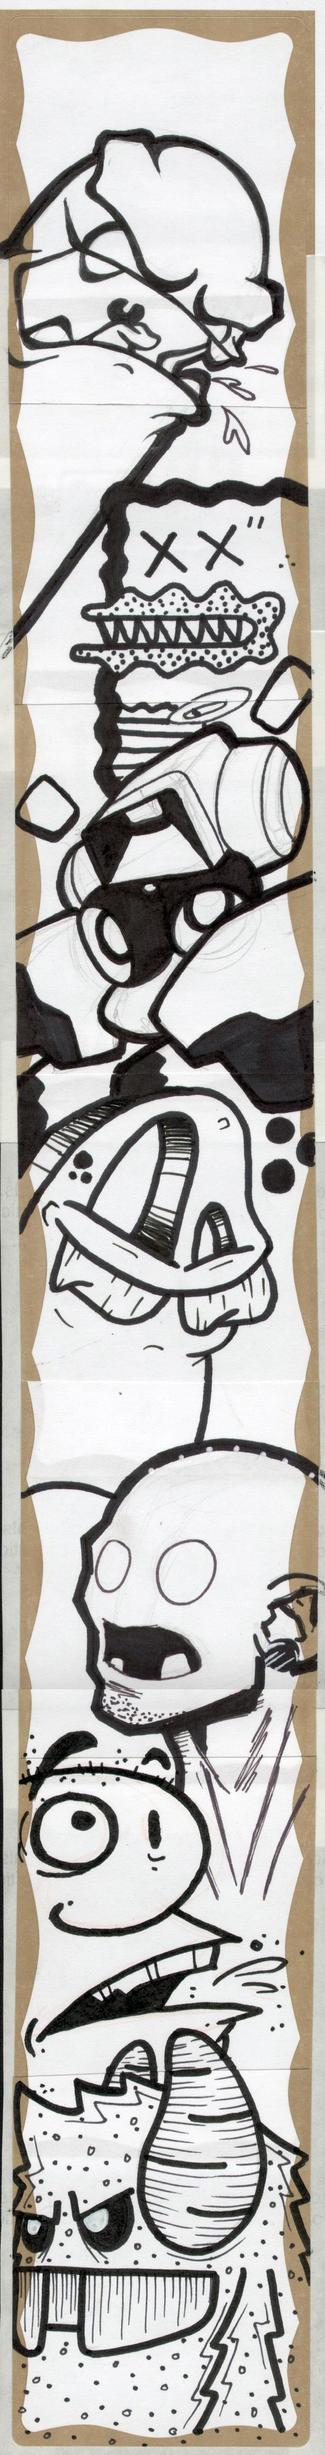 stickerart .170 by QuestionJosh